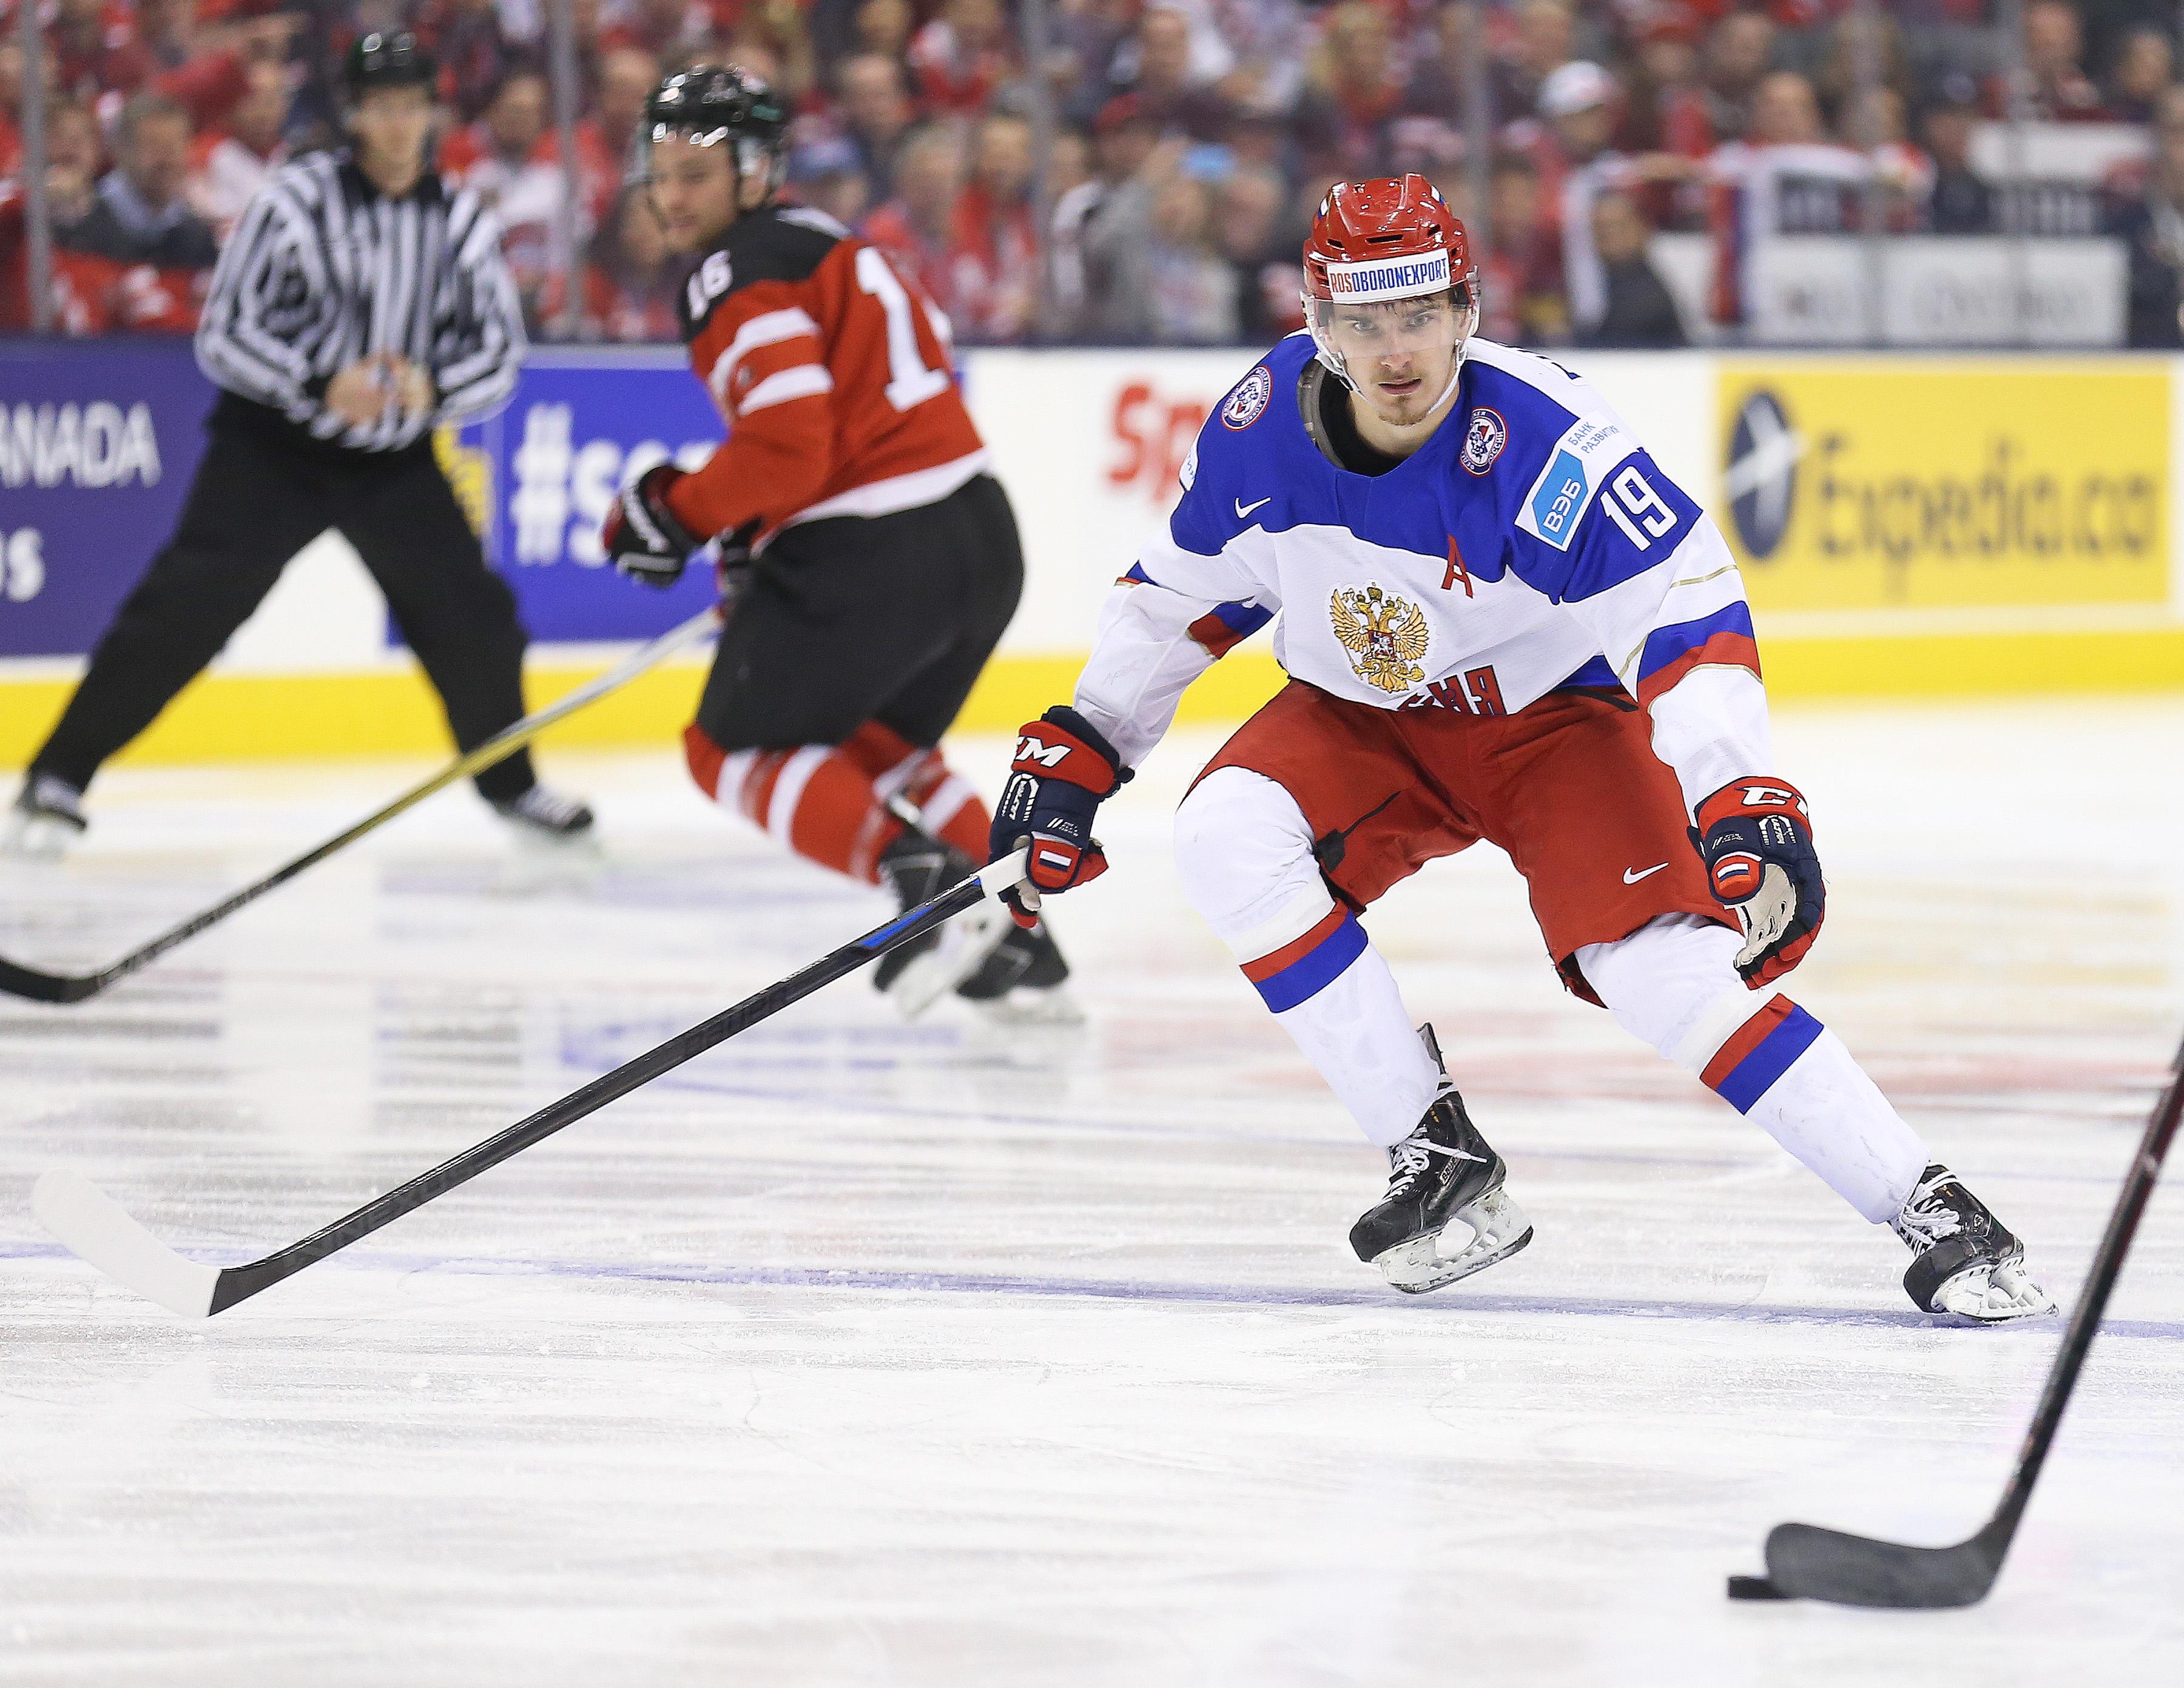 Team Canada v Team Russia